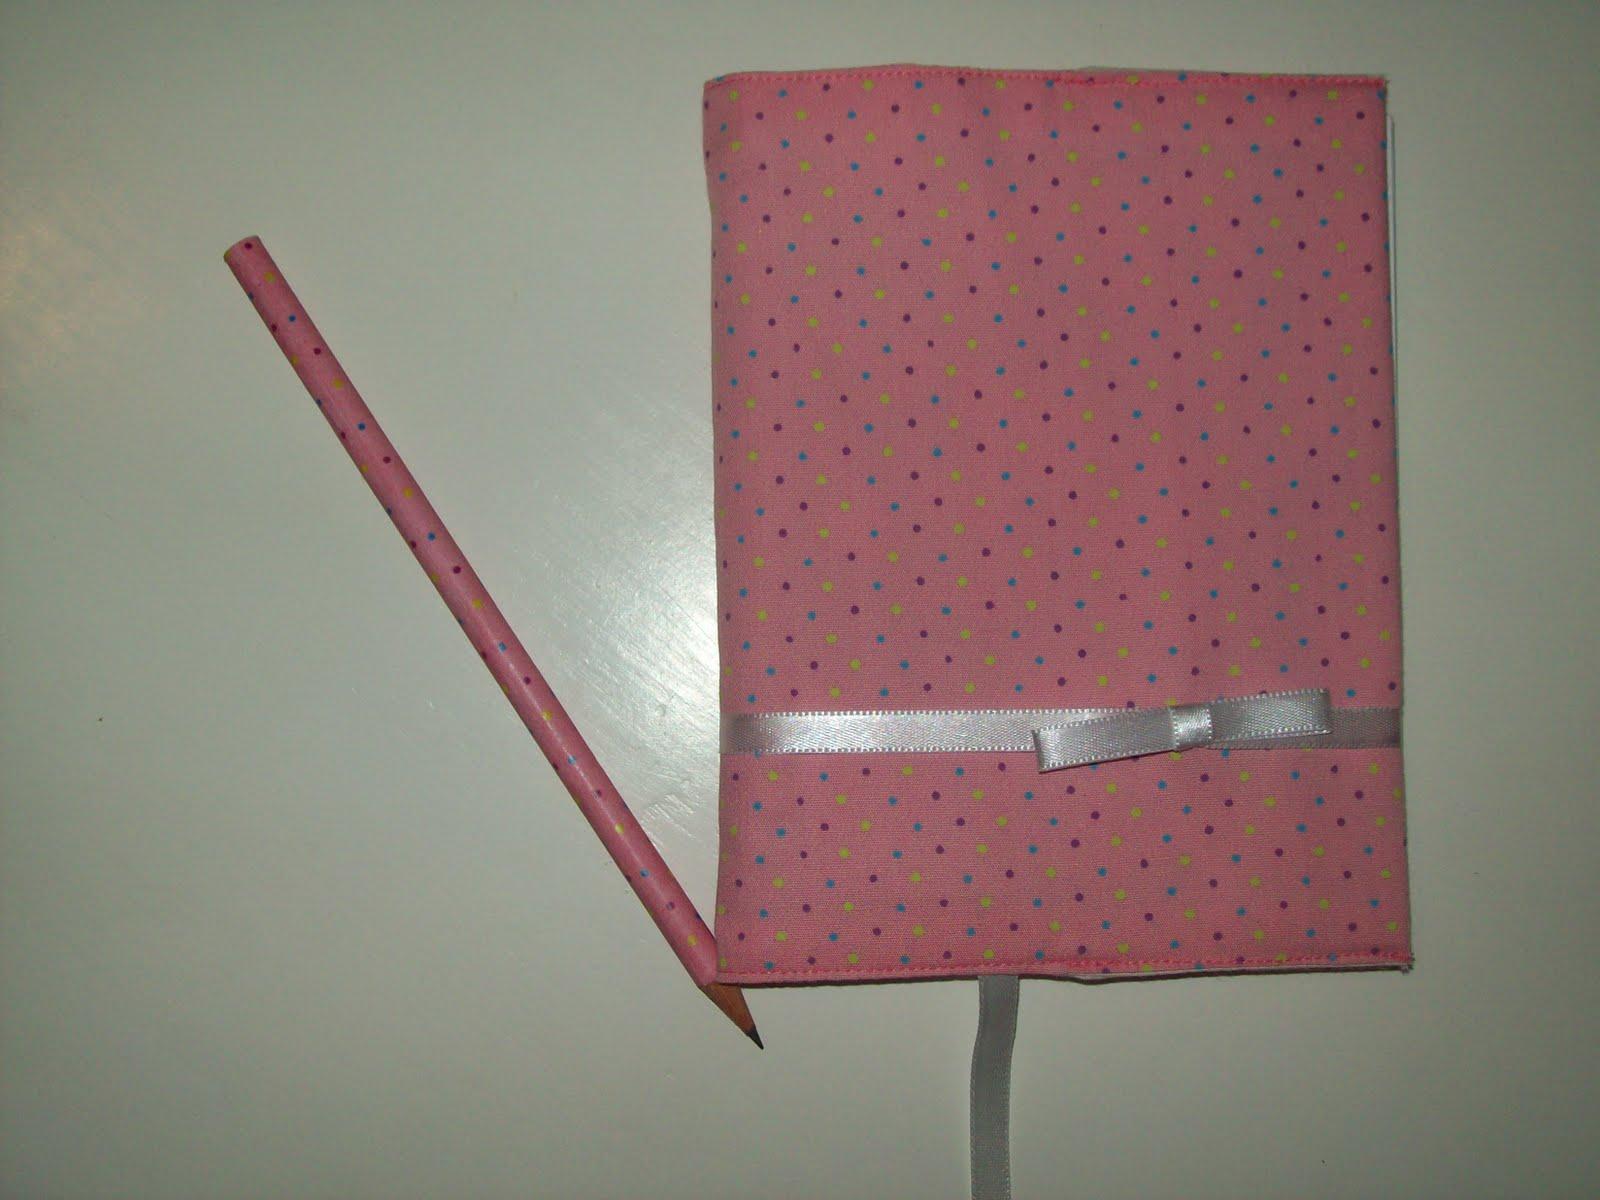 http://3.bp.blogspot.com/_unVlpgKBs2A/S6_rgwX6d9I/AAAAAAAAAGE/9o3B-FvgoQo/s1600/caderno+008.jpg